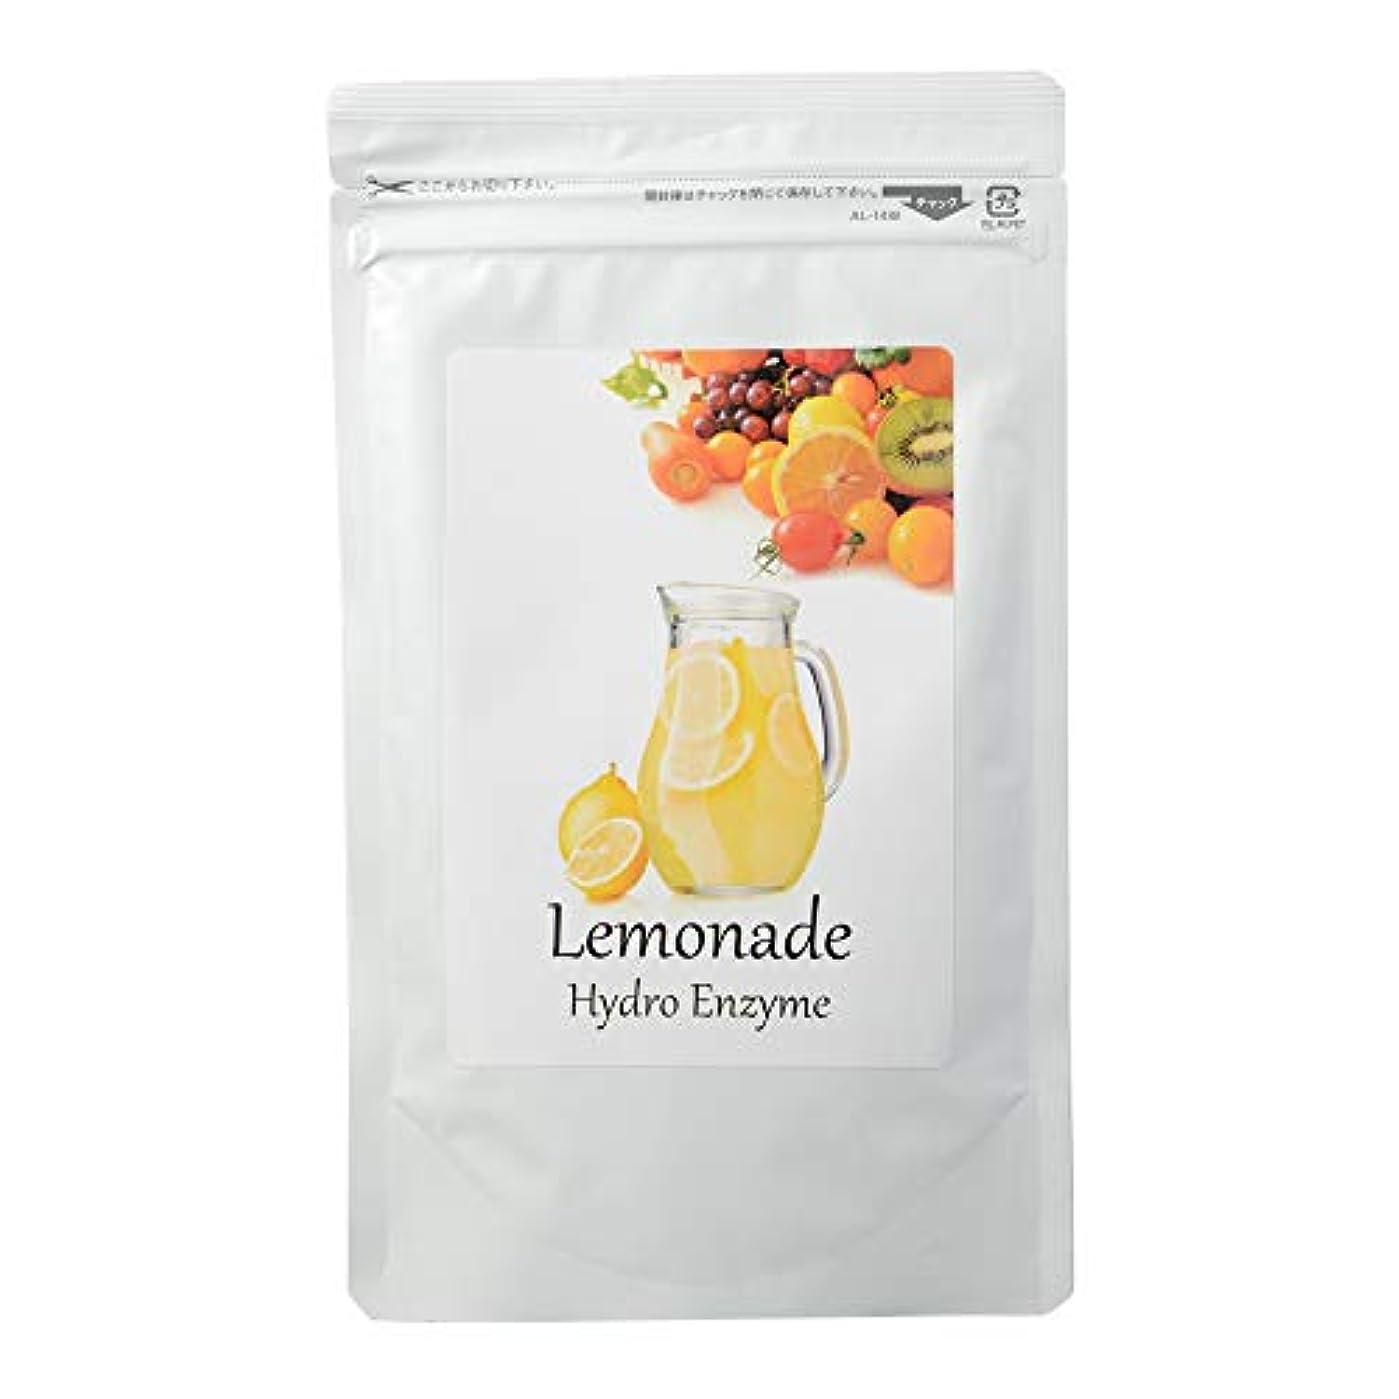 人道的ますます評決Lemonade Hydro Enzyme (ダイエット ドリンク) レモネード 水素エンザイムダイエット 健康飲料 専用スプーン付 [内容量150g /説明書付き]